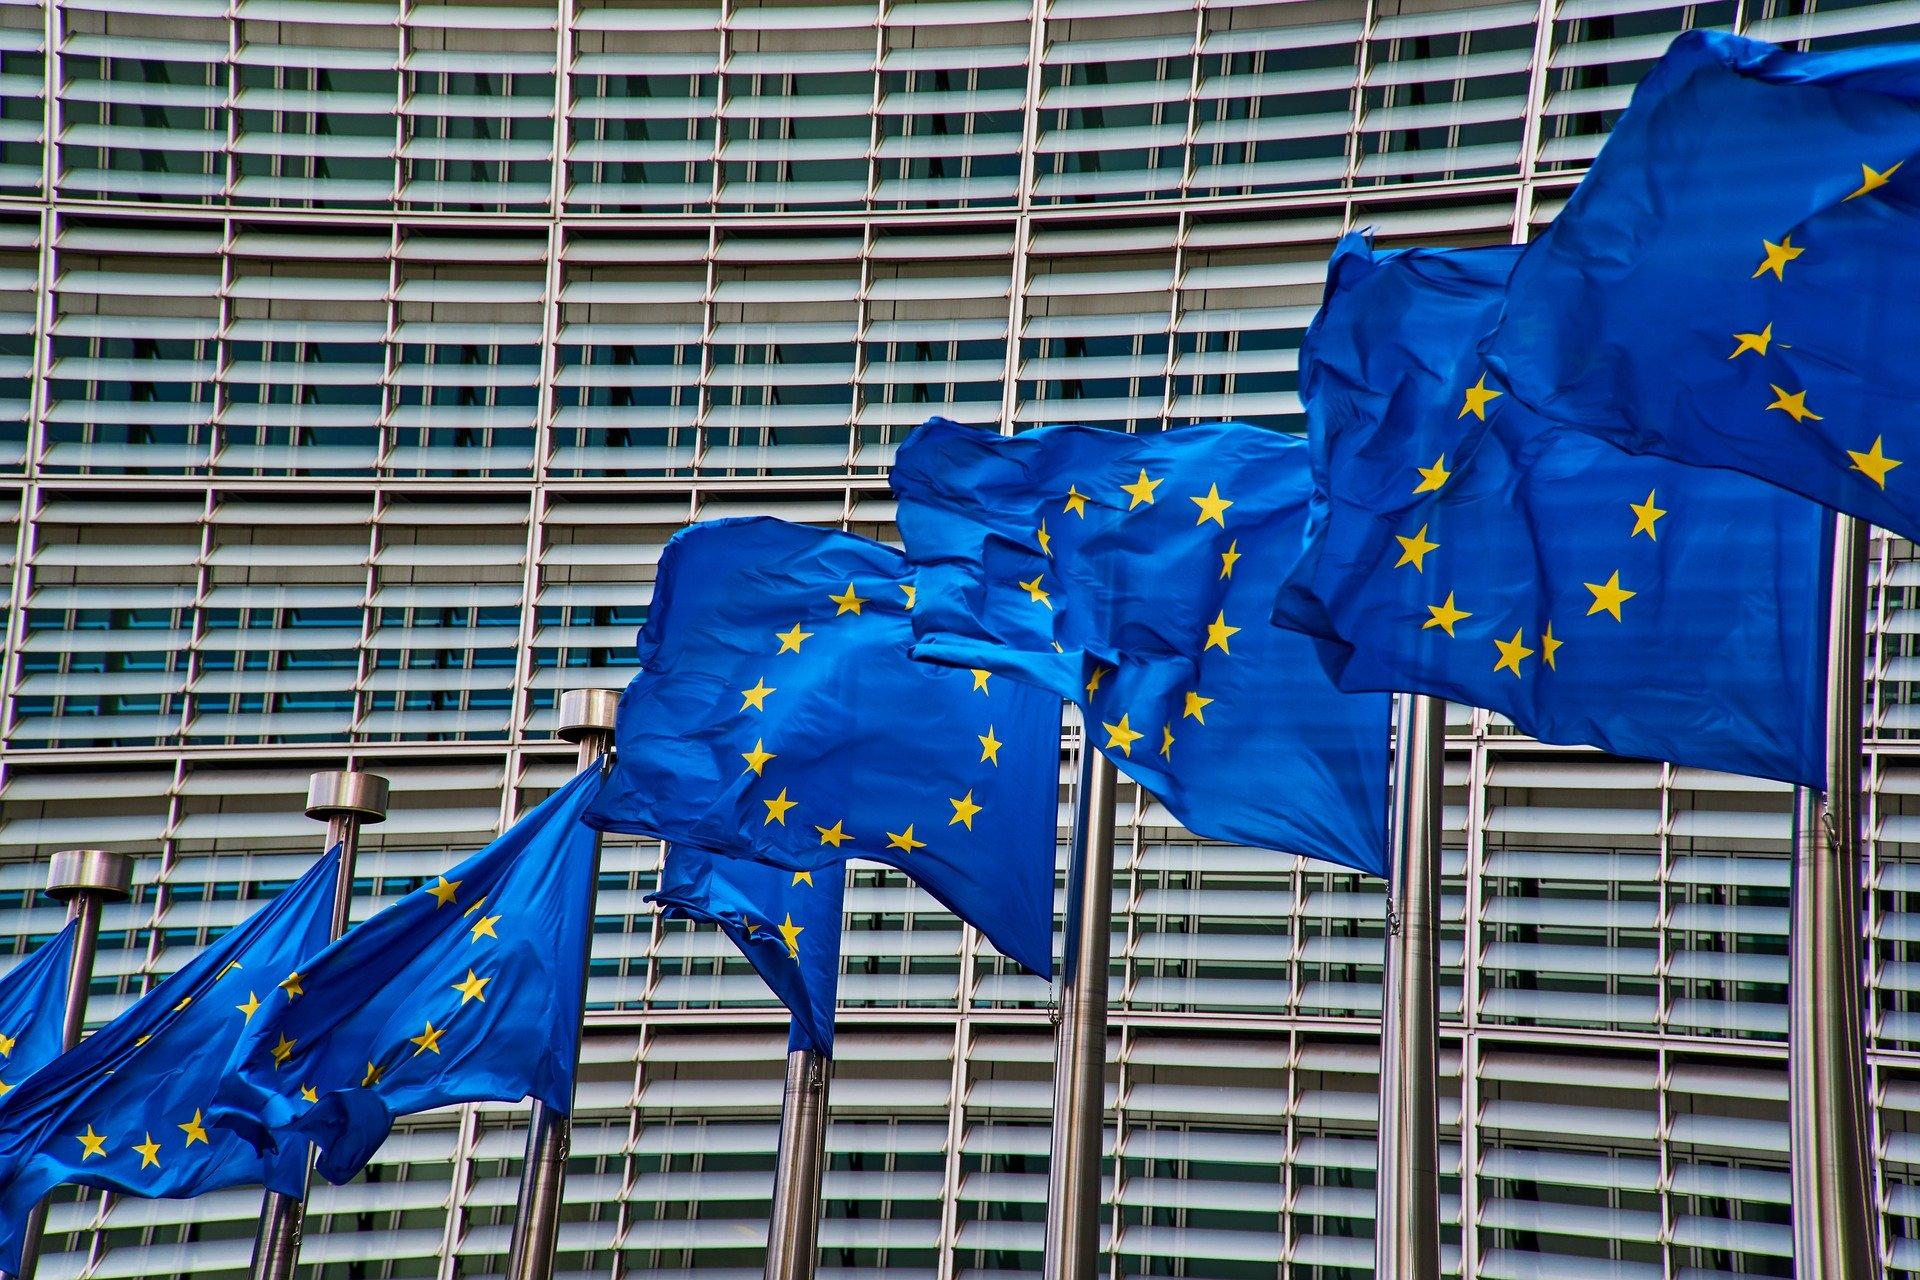 Immagine L'Europa riparte dalle professioni di domani